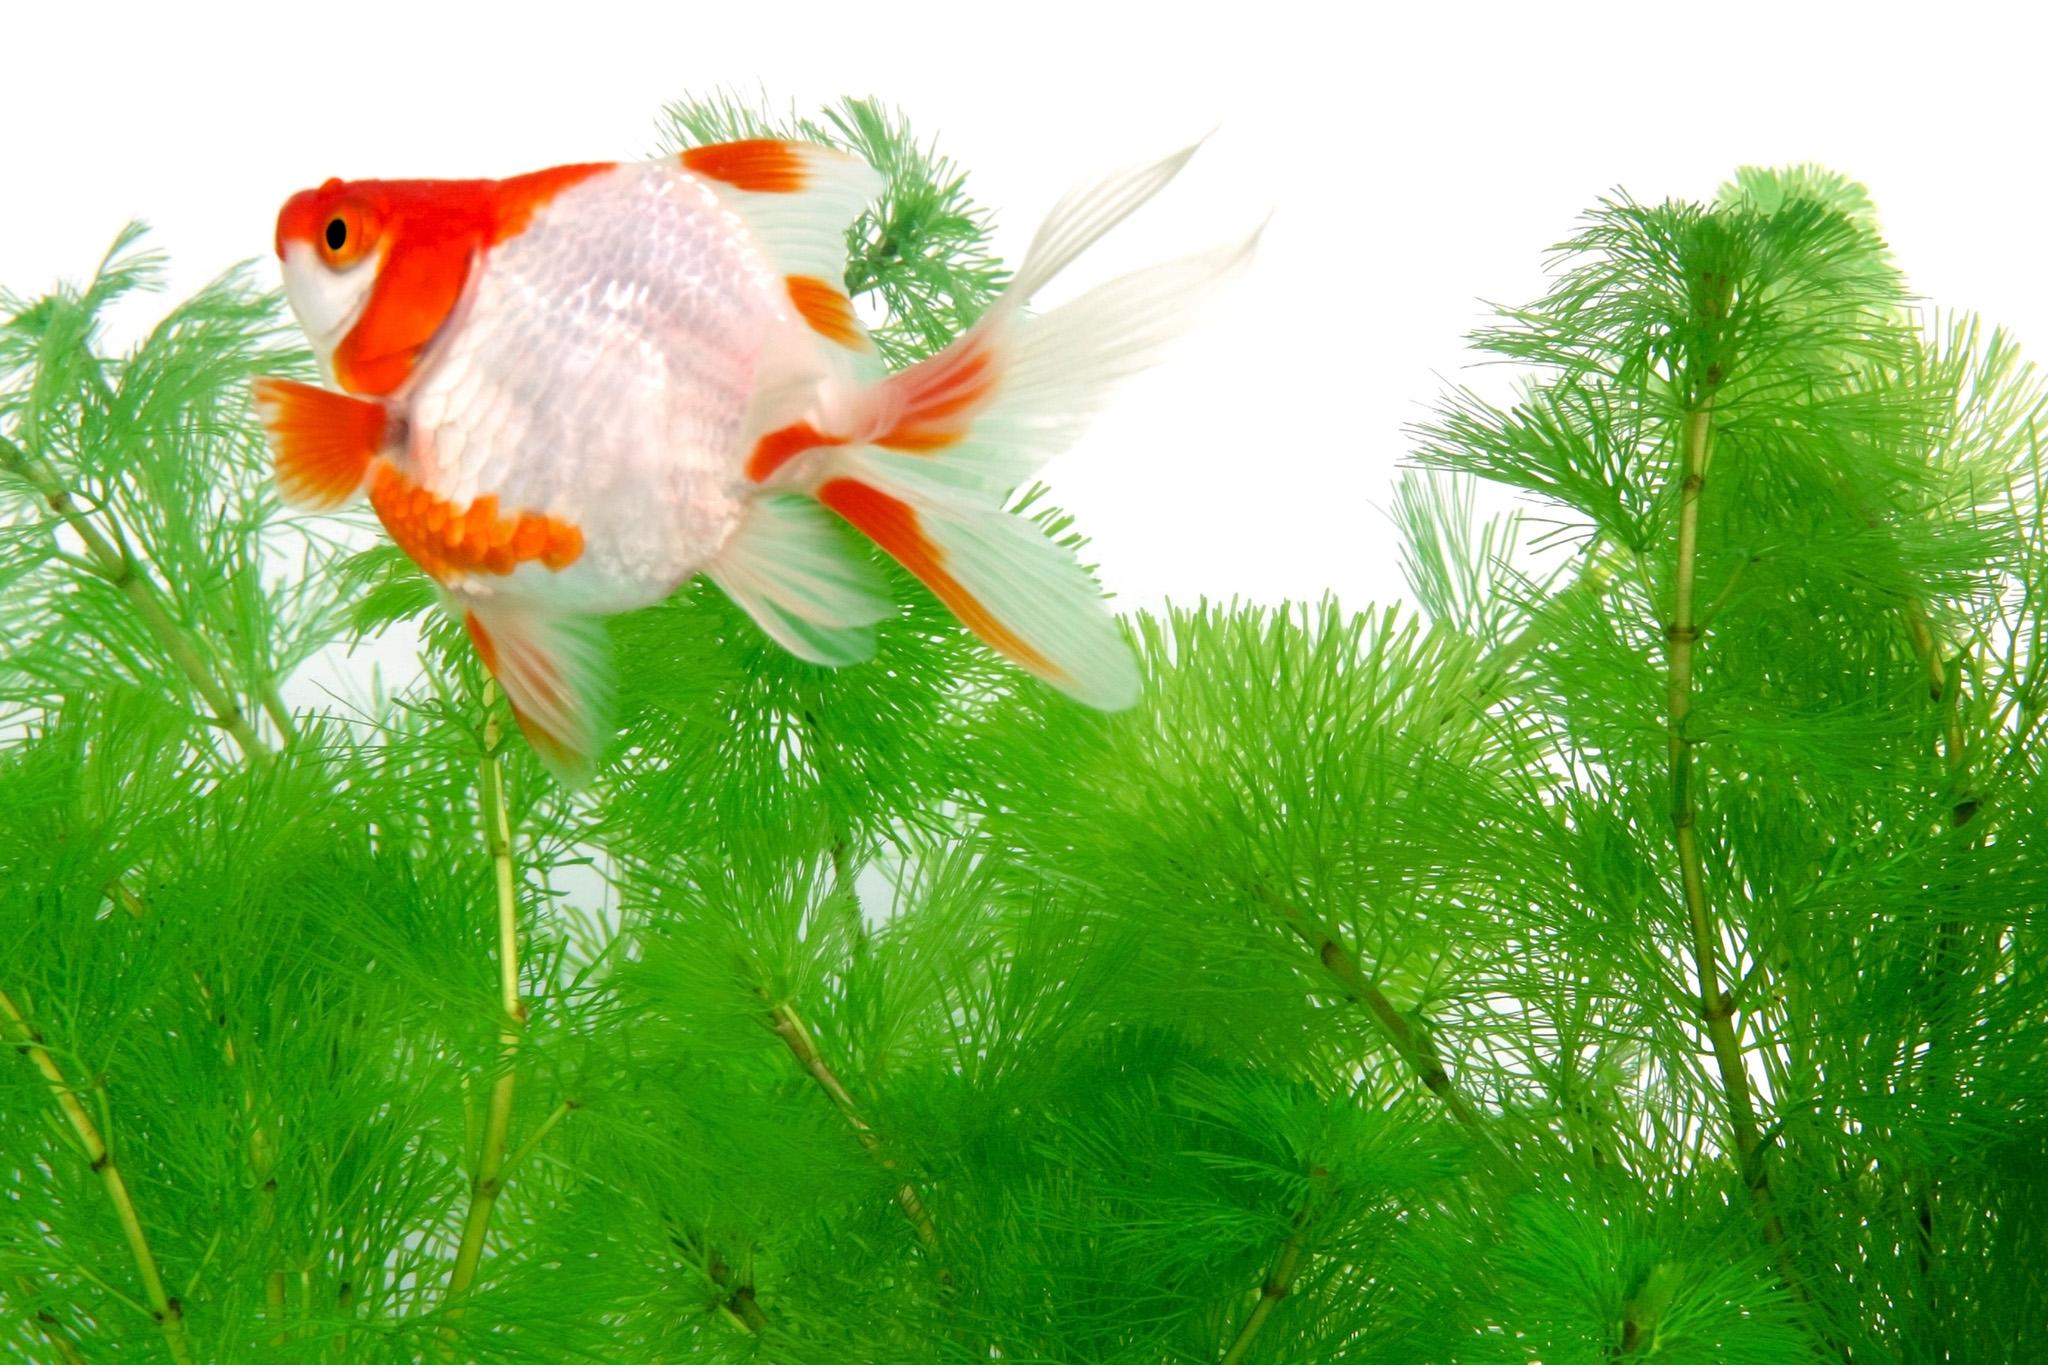 「金魚の写真素材」の素材を無料ダウンロード